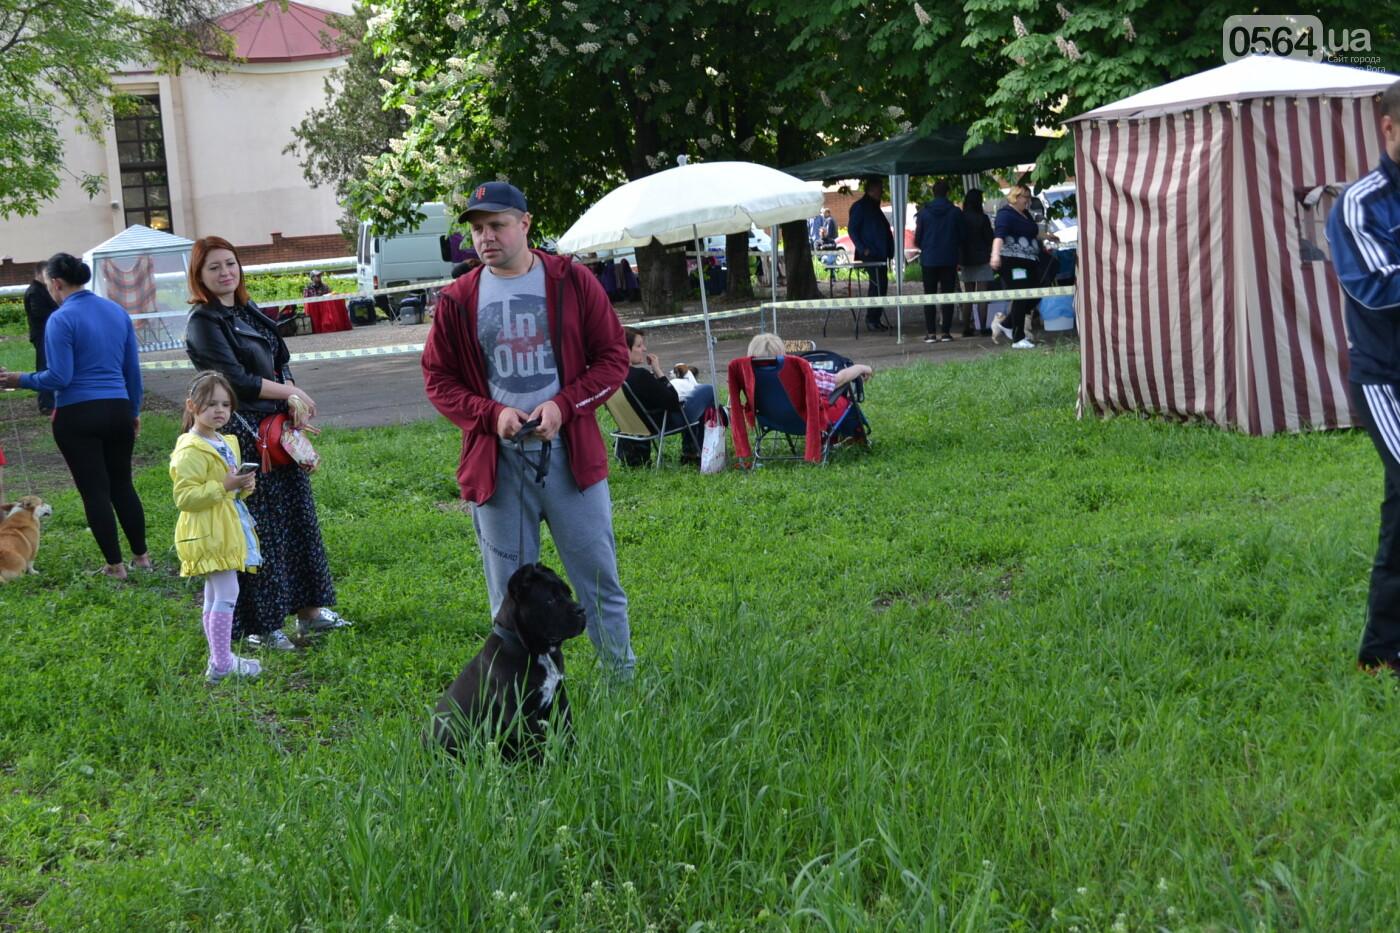 """""""Весна Кривбасса-2019"""": на выставке в Кривом Роге можно увидеть собак более 90 пород, - ФОТО, ВИДЕО, фото-12"""